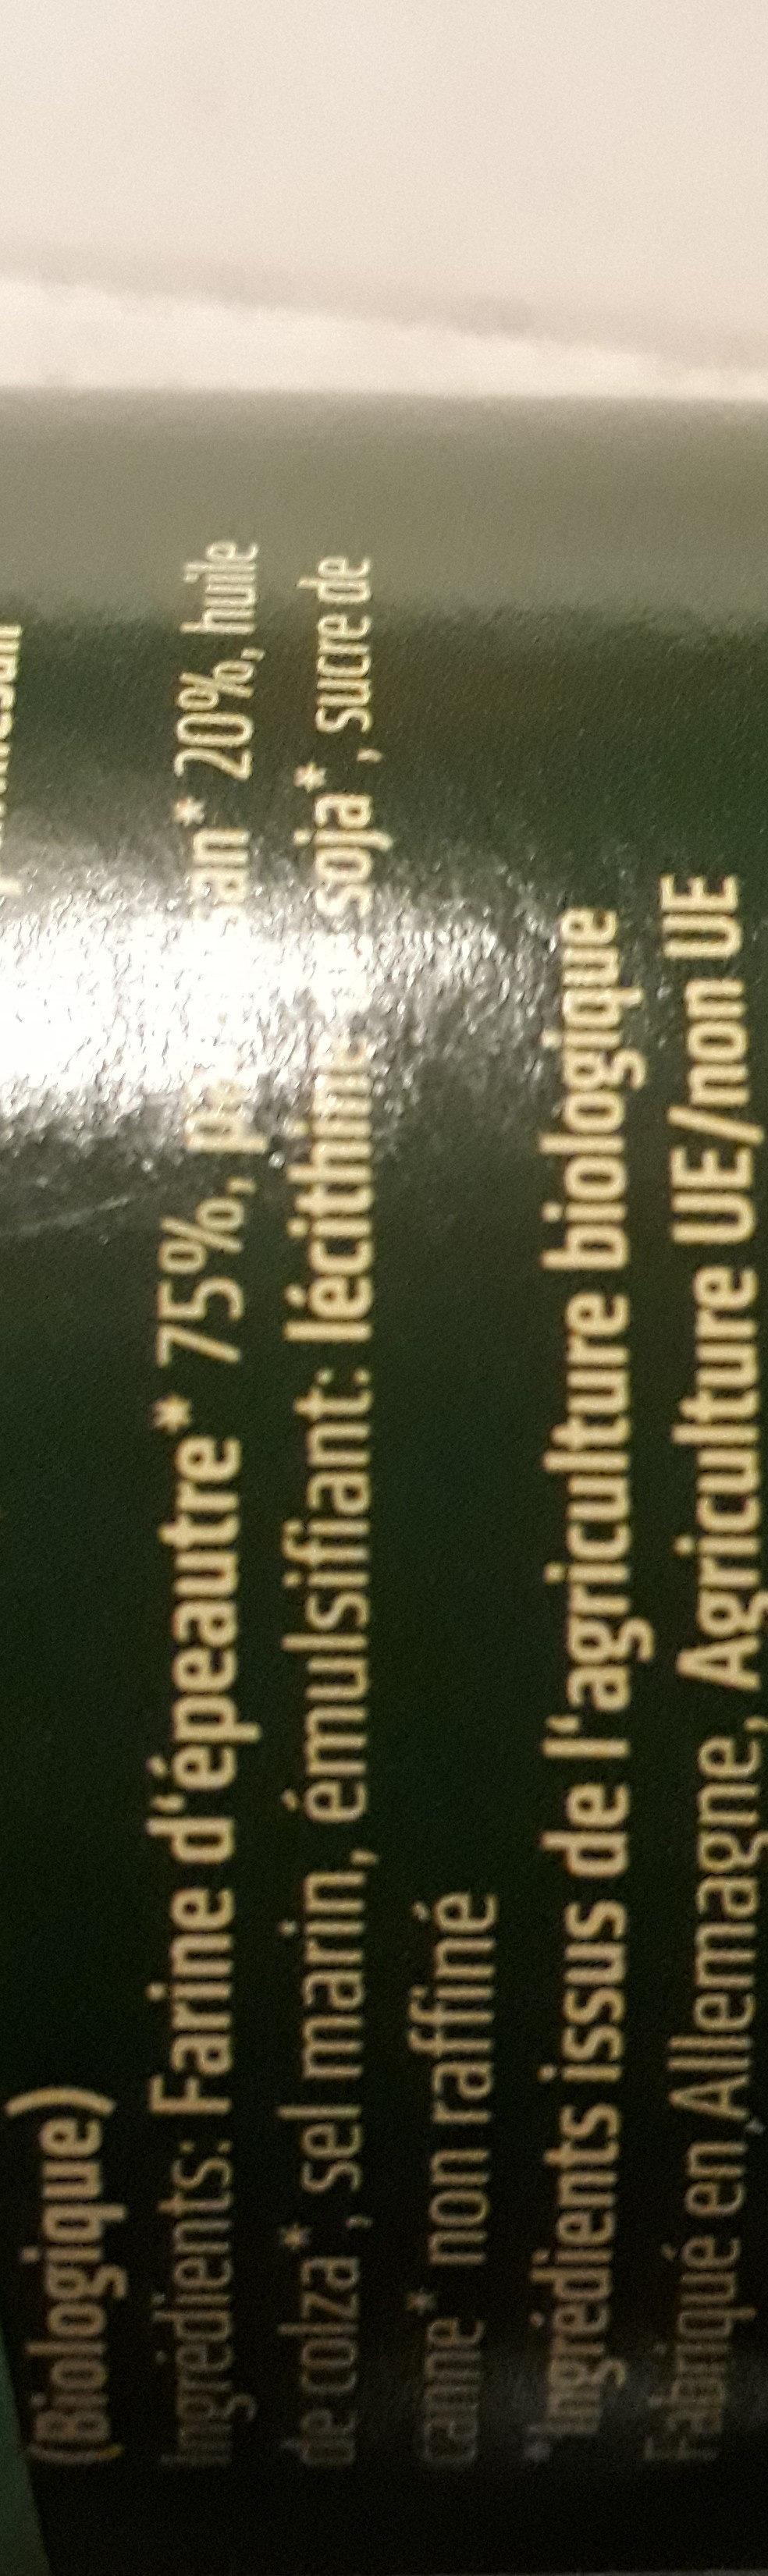 dinkels parmesan - Ingredients - fr